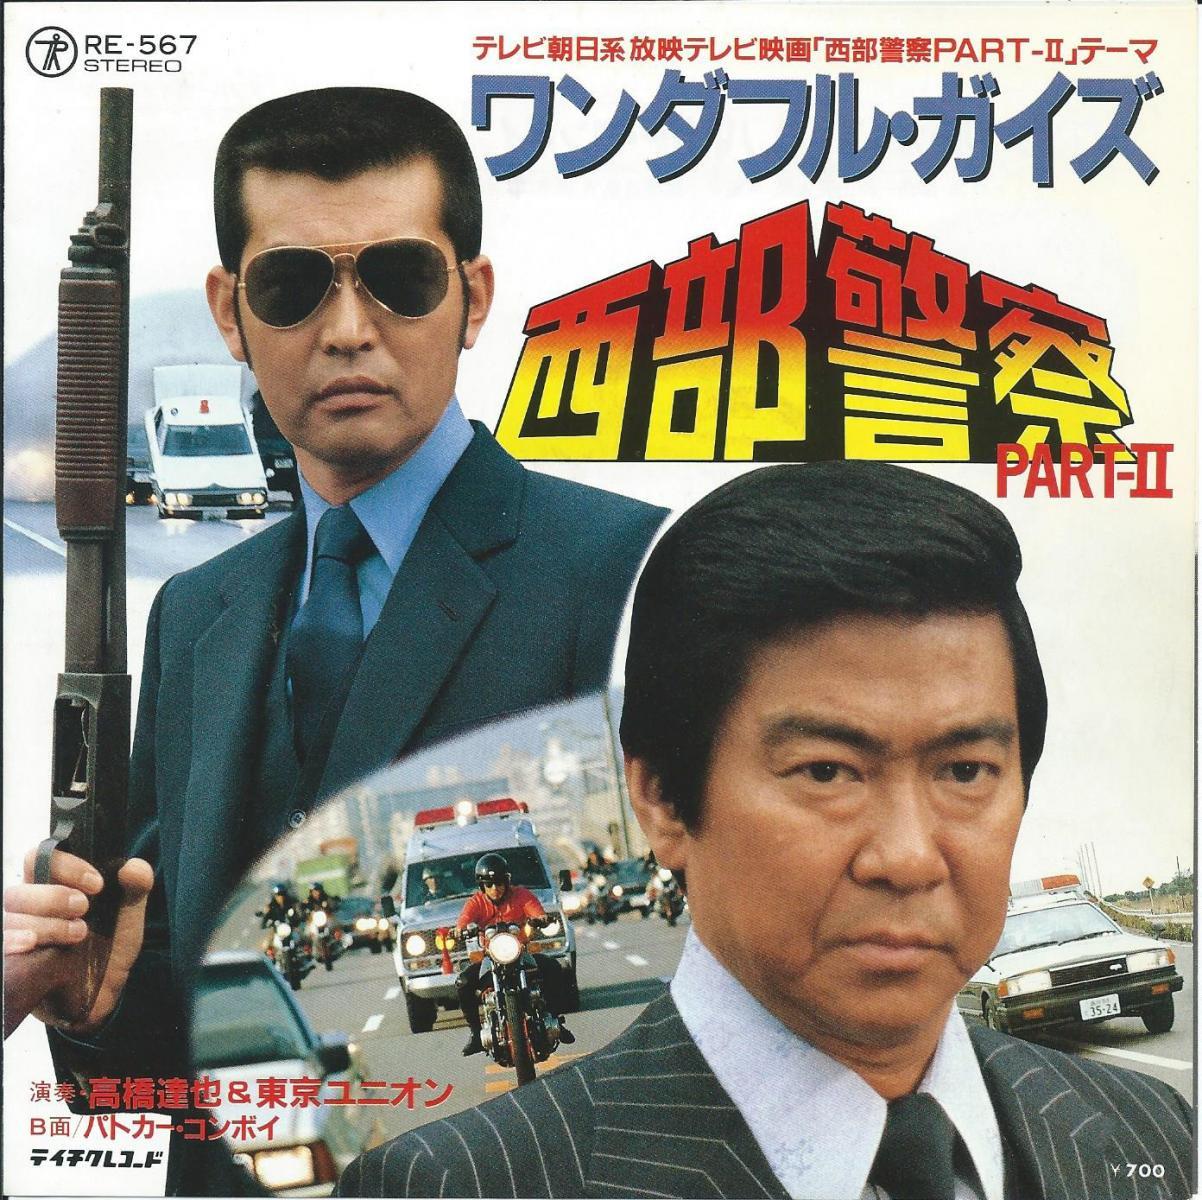 高橋達也 & 東京ユニオン / ワンダフル・ガイズ / パトカー・コンボイ (西部警察PART II) (7